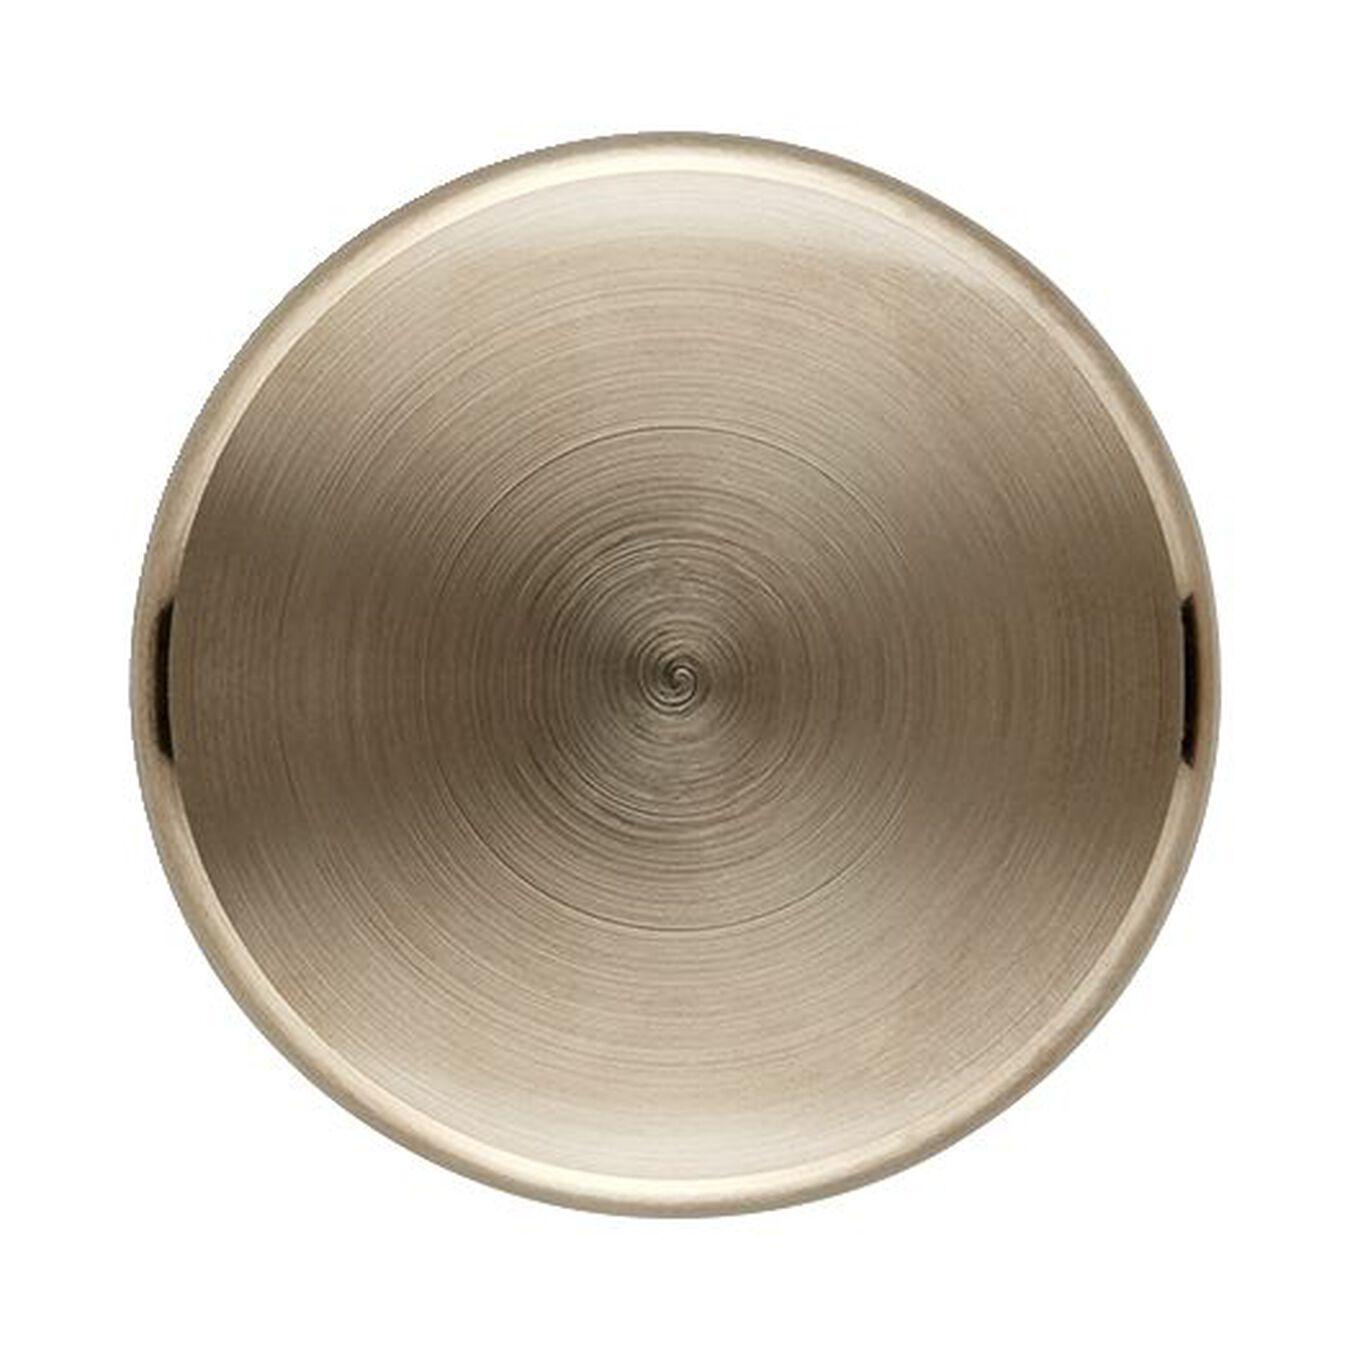 Knauf 4 cm, Messing,,large 2